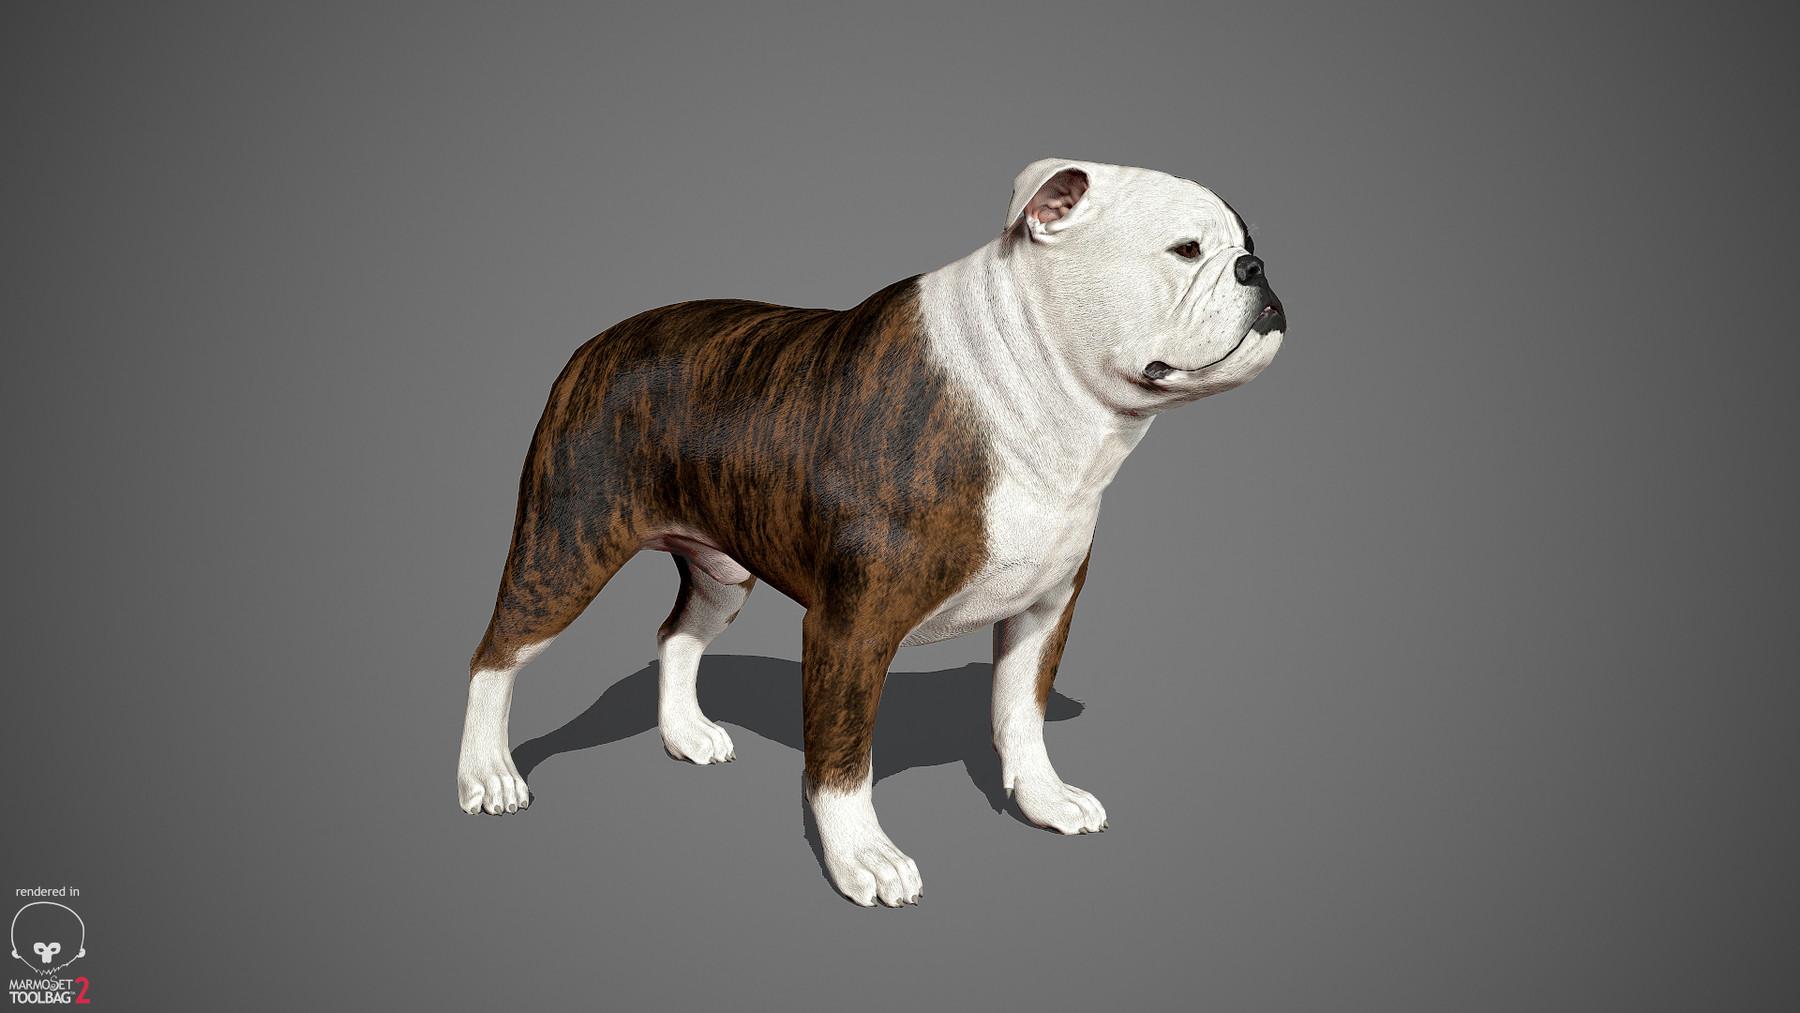 Englishbulldog by alexlashko marmoset 03